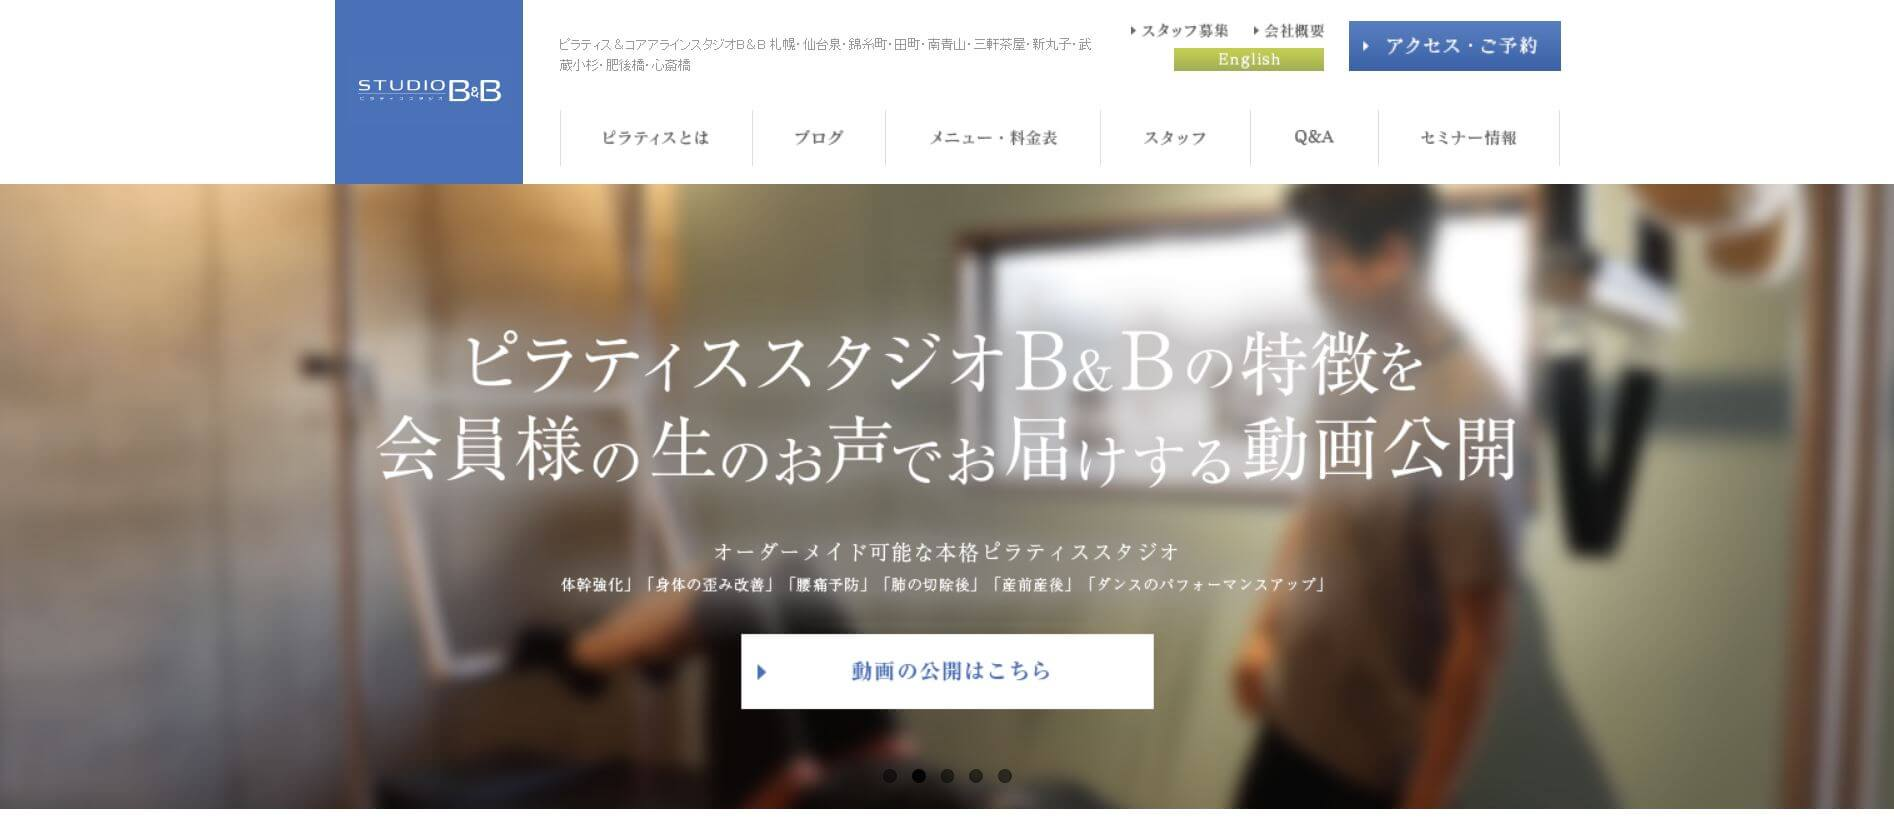 ピラティス&コアアラインスタジオB&B